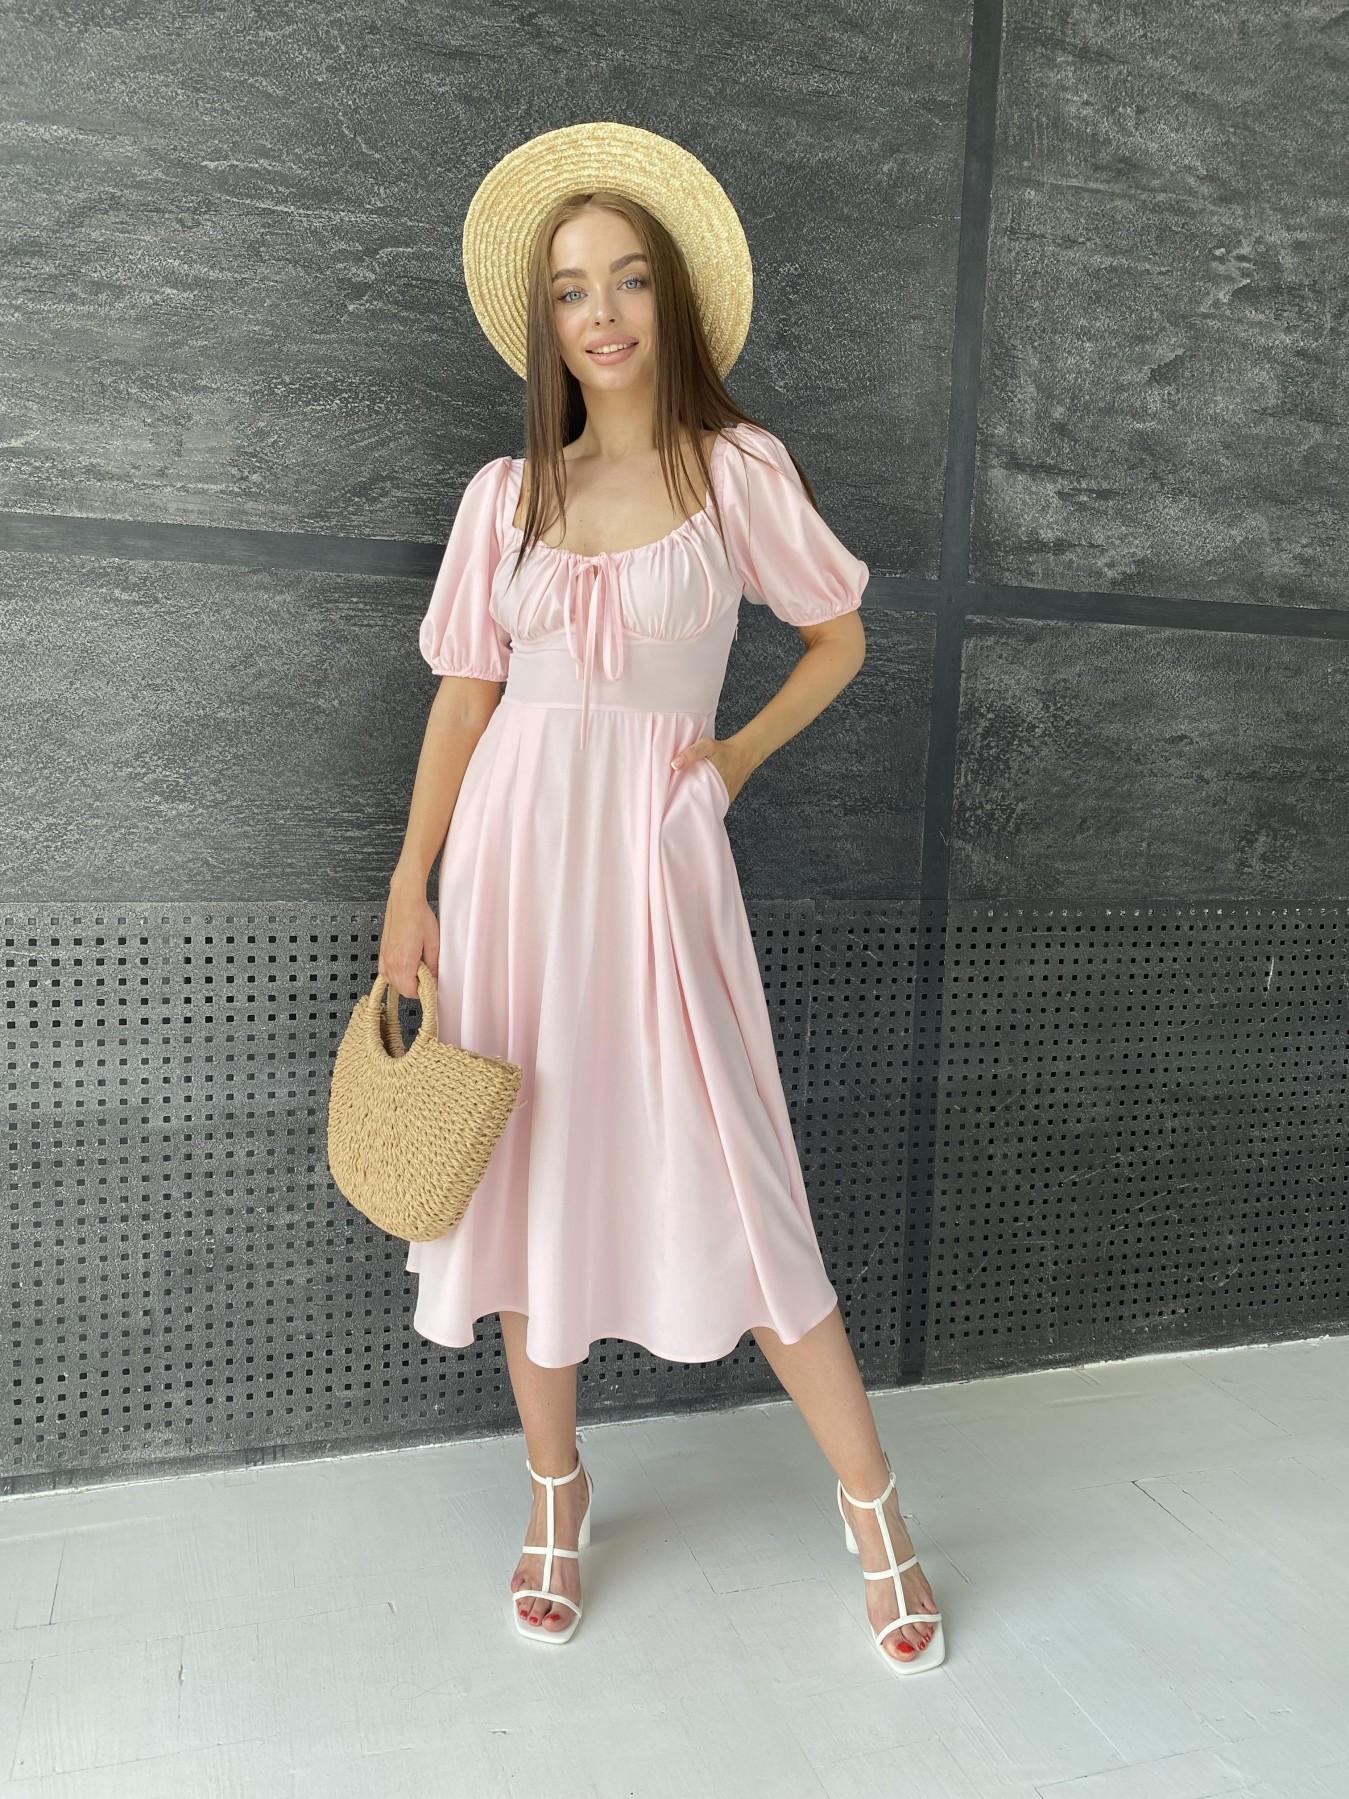 Купить платье оптом Украина Modus Кисес Миди платье  софт 11540